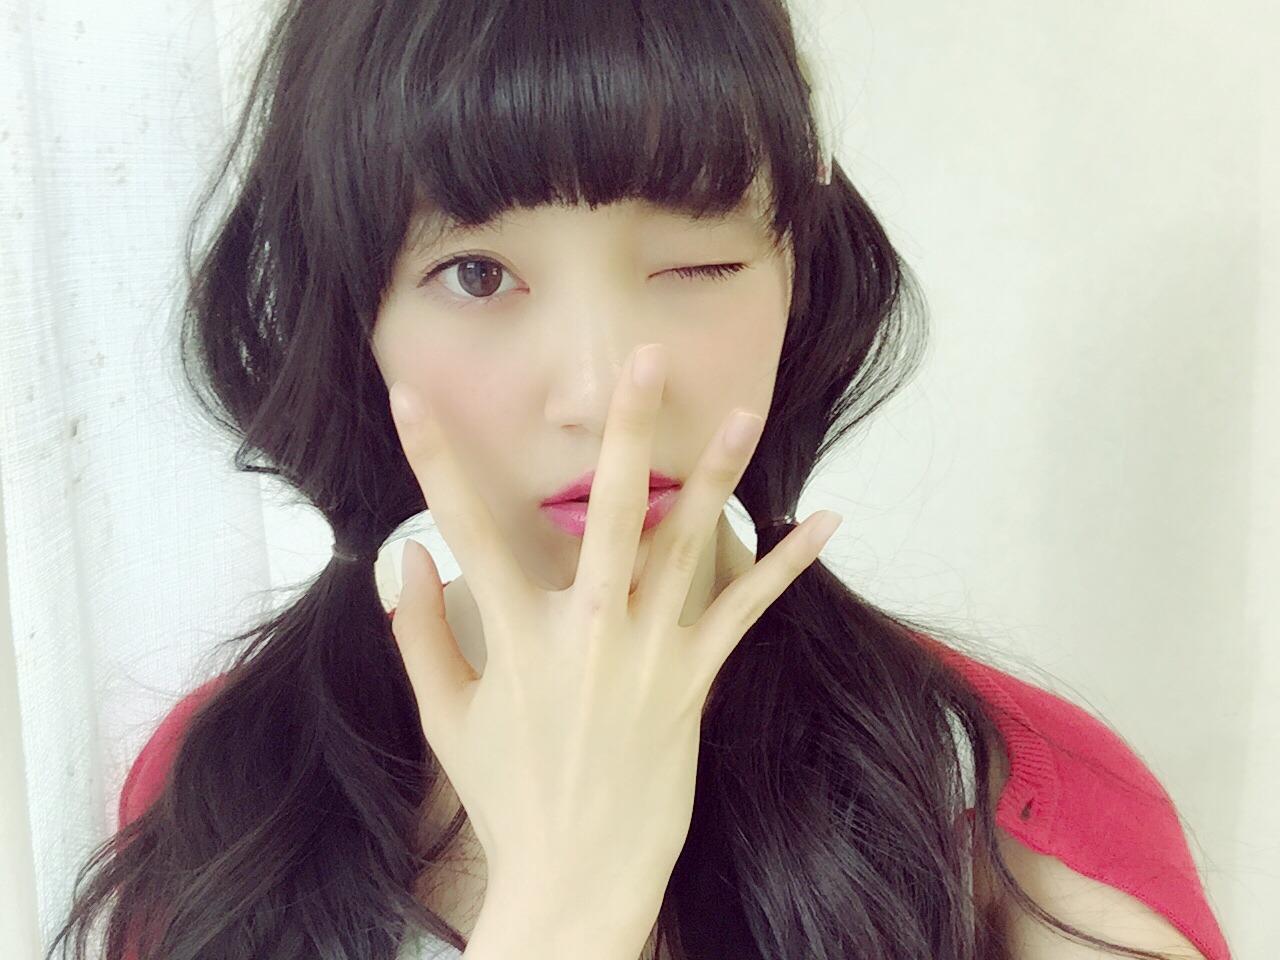 堀未央奈 CUTiE2015年4 月号.jpg (1)